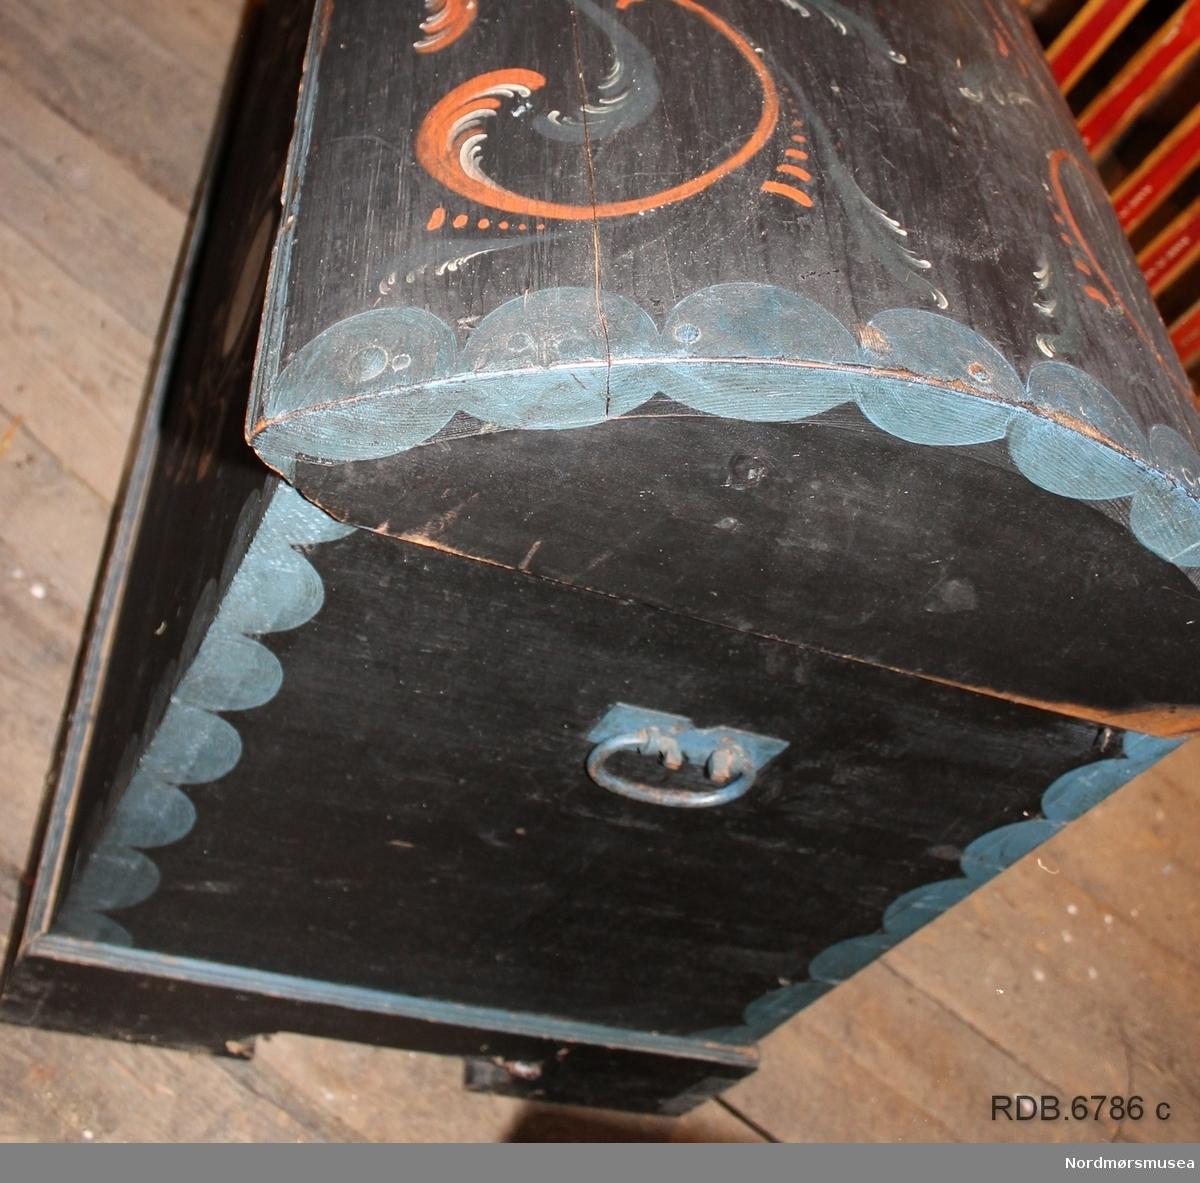 """Stor trekiste med buet lokk malt i en blåsvart farge. Kista står på en løs sokkel som er sinket sammen i hjørnene. Sidene på kista er også sinket sammen. Kista har jernhåndtak på sidene. Lokket er hengslet til kista med jernhengsler, Beslag rundt nøkkelhullet er også i jern, dette er blåmalt. Nøkkel mangler. Kista er dekorert med et blått """"bølgemønster"""" langs hjørnene og tvers over lokket. Ellers rosemalt både på lokk og framside. Foran er det to kvite, runde felt på hver side av midten med monogram i det ene og årstall i det andre. Rundt disse feltene er det rosemaling."""